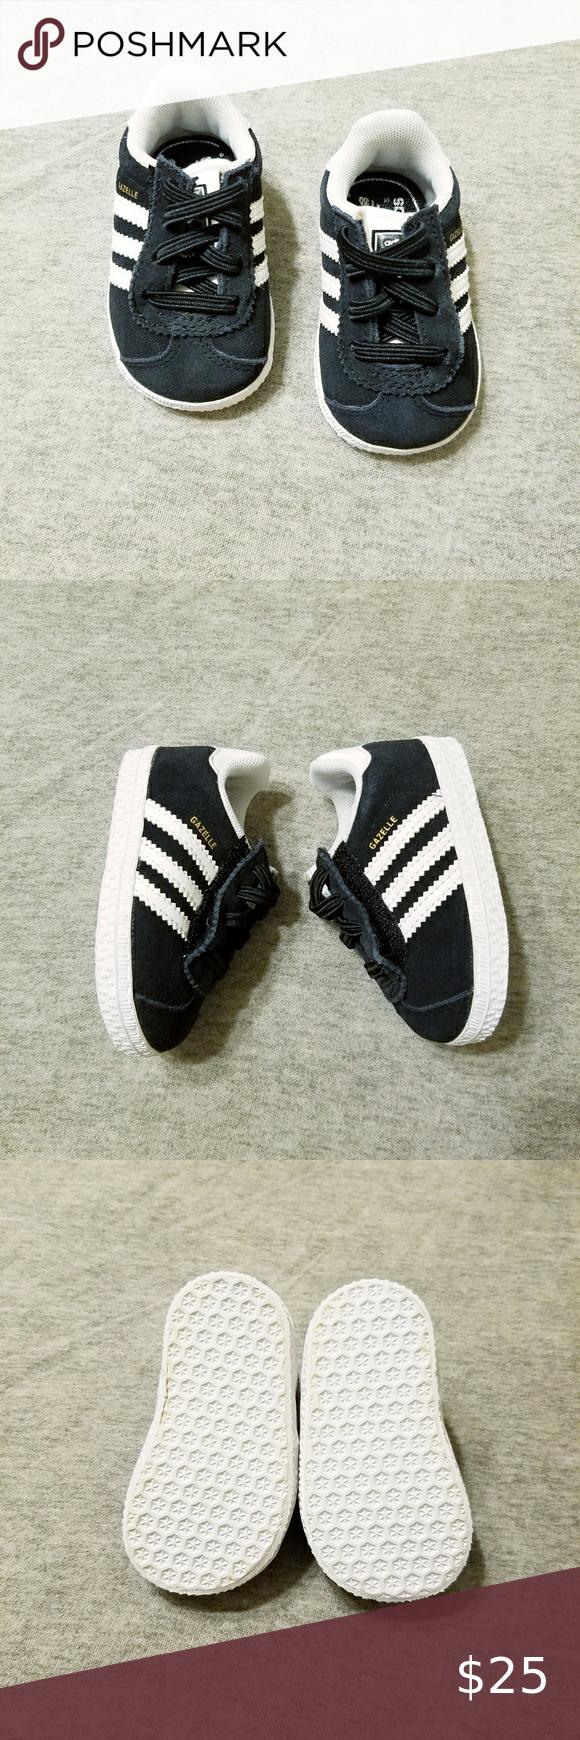 Infant Adidas Gazelle shoes Black infant Adidas Gazelle shoes with ...